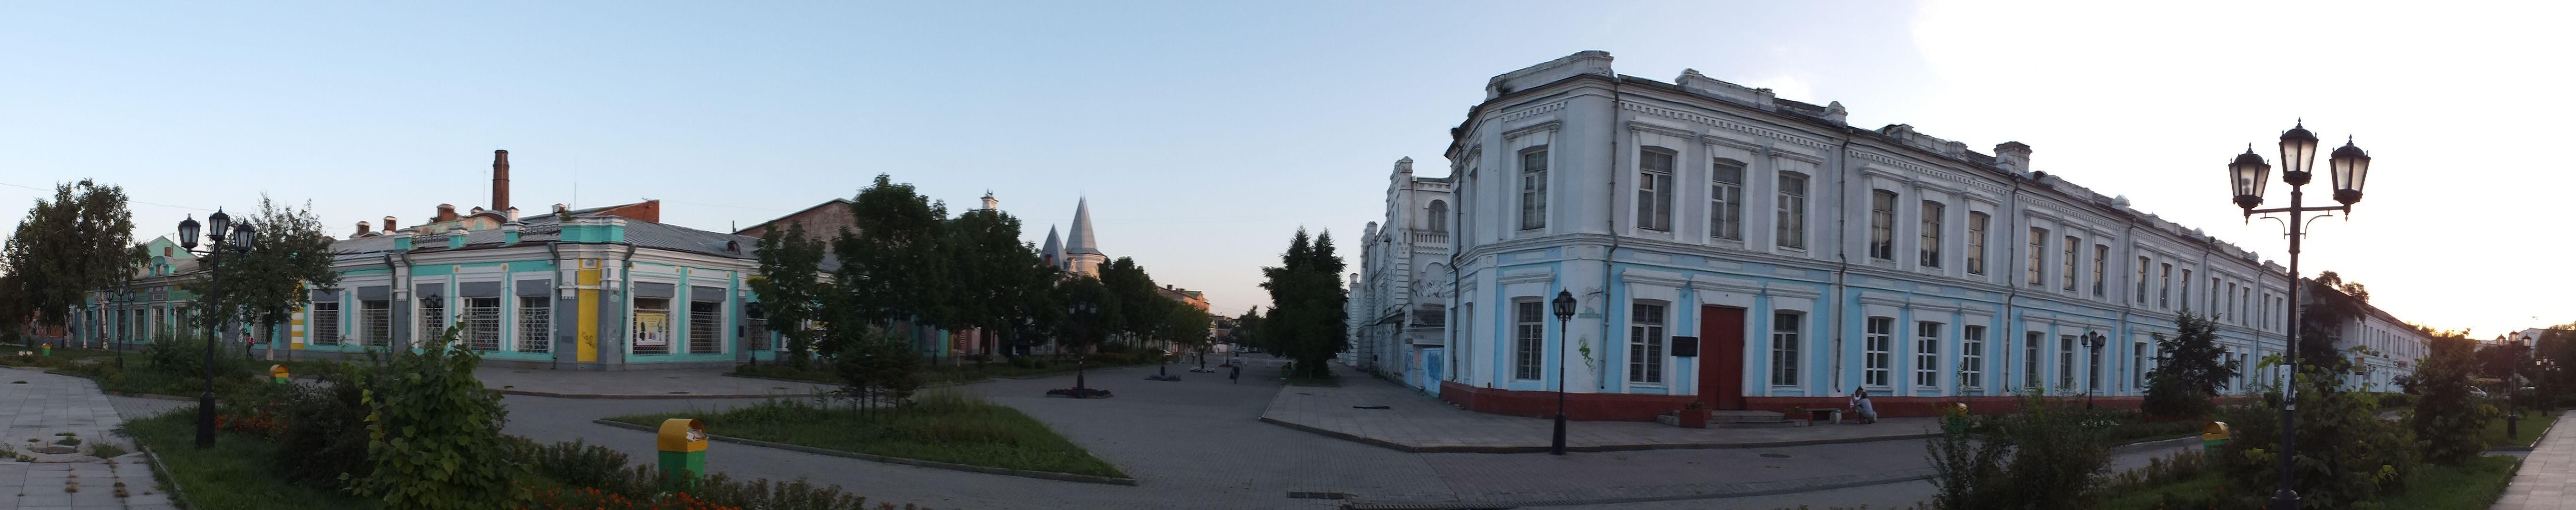 Историческая застройка «Старого города», слева магазин купца Чурина, здание с башней — торговый дом «Кунст и Альберс»